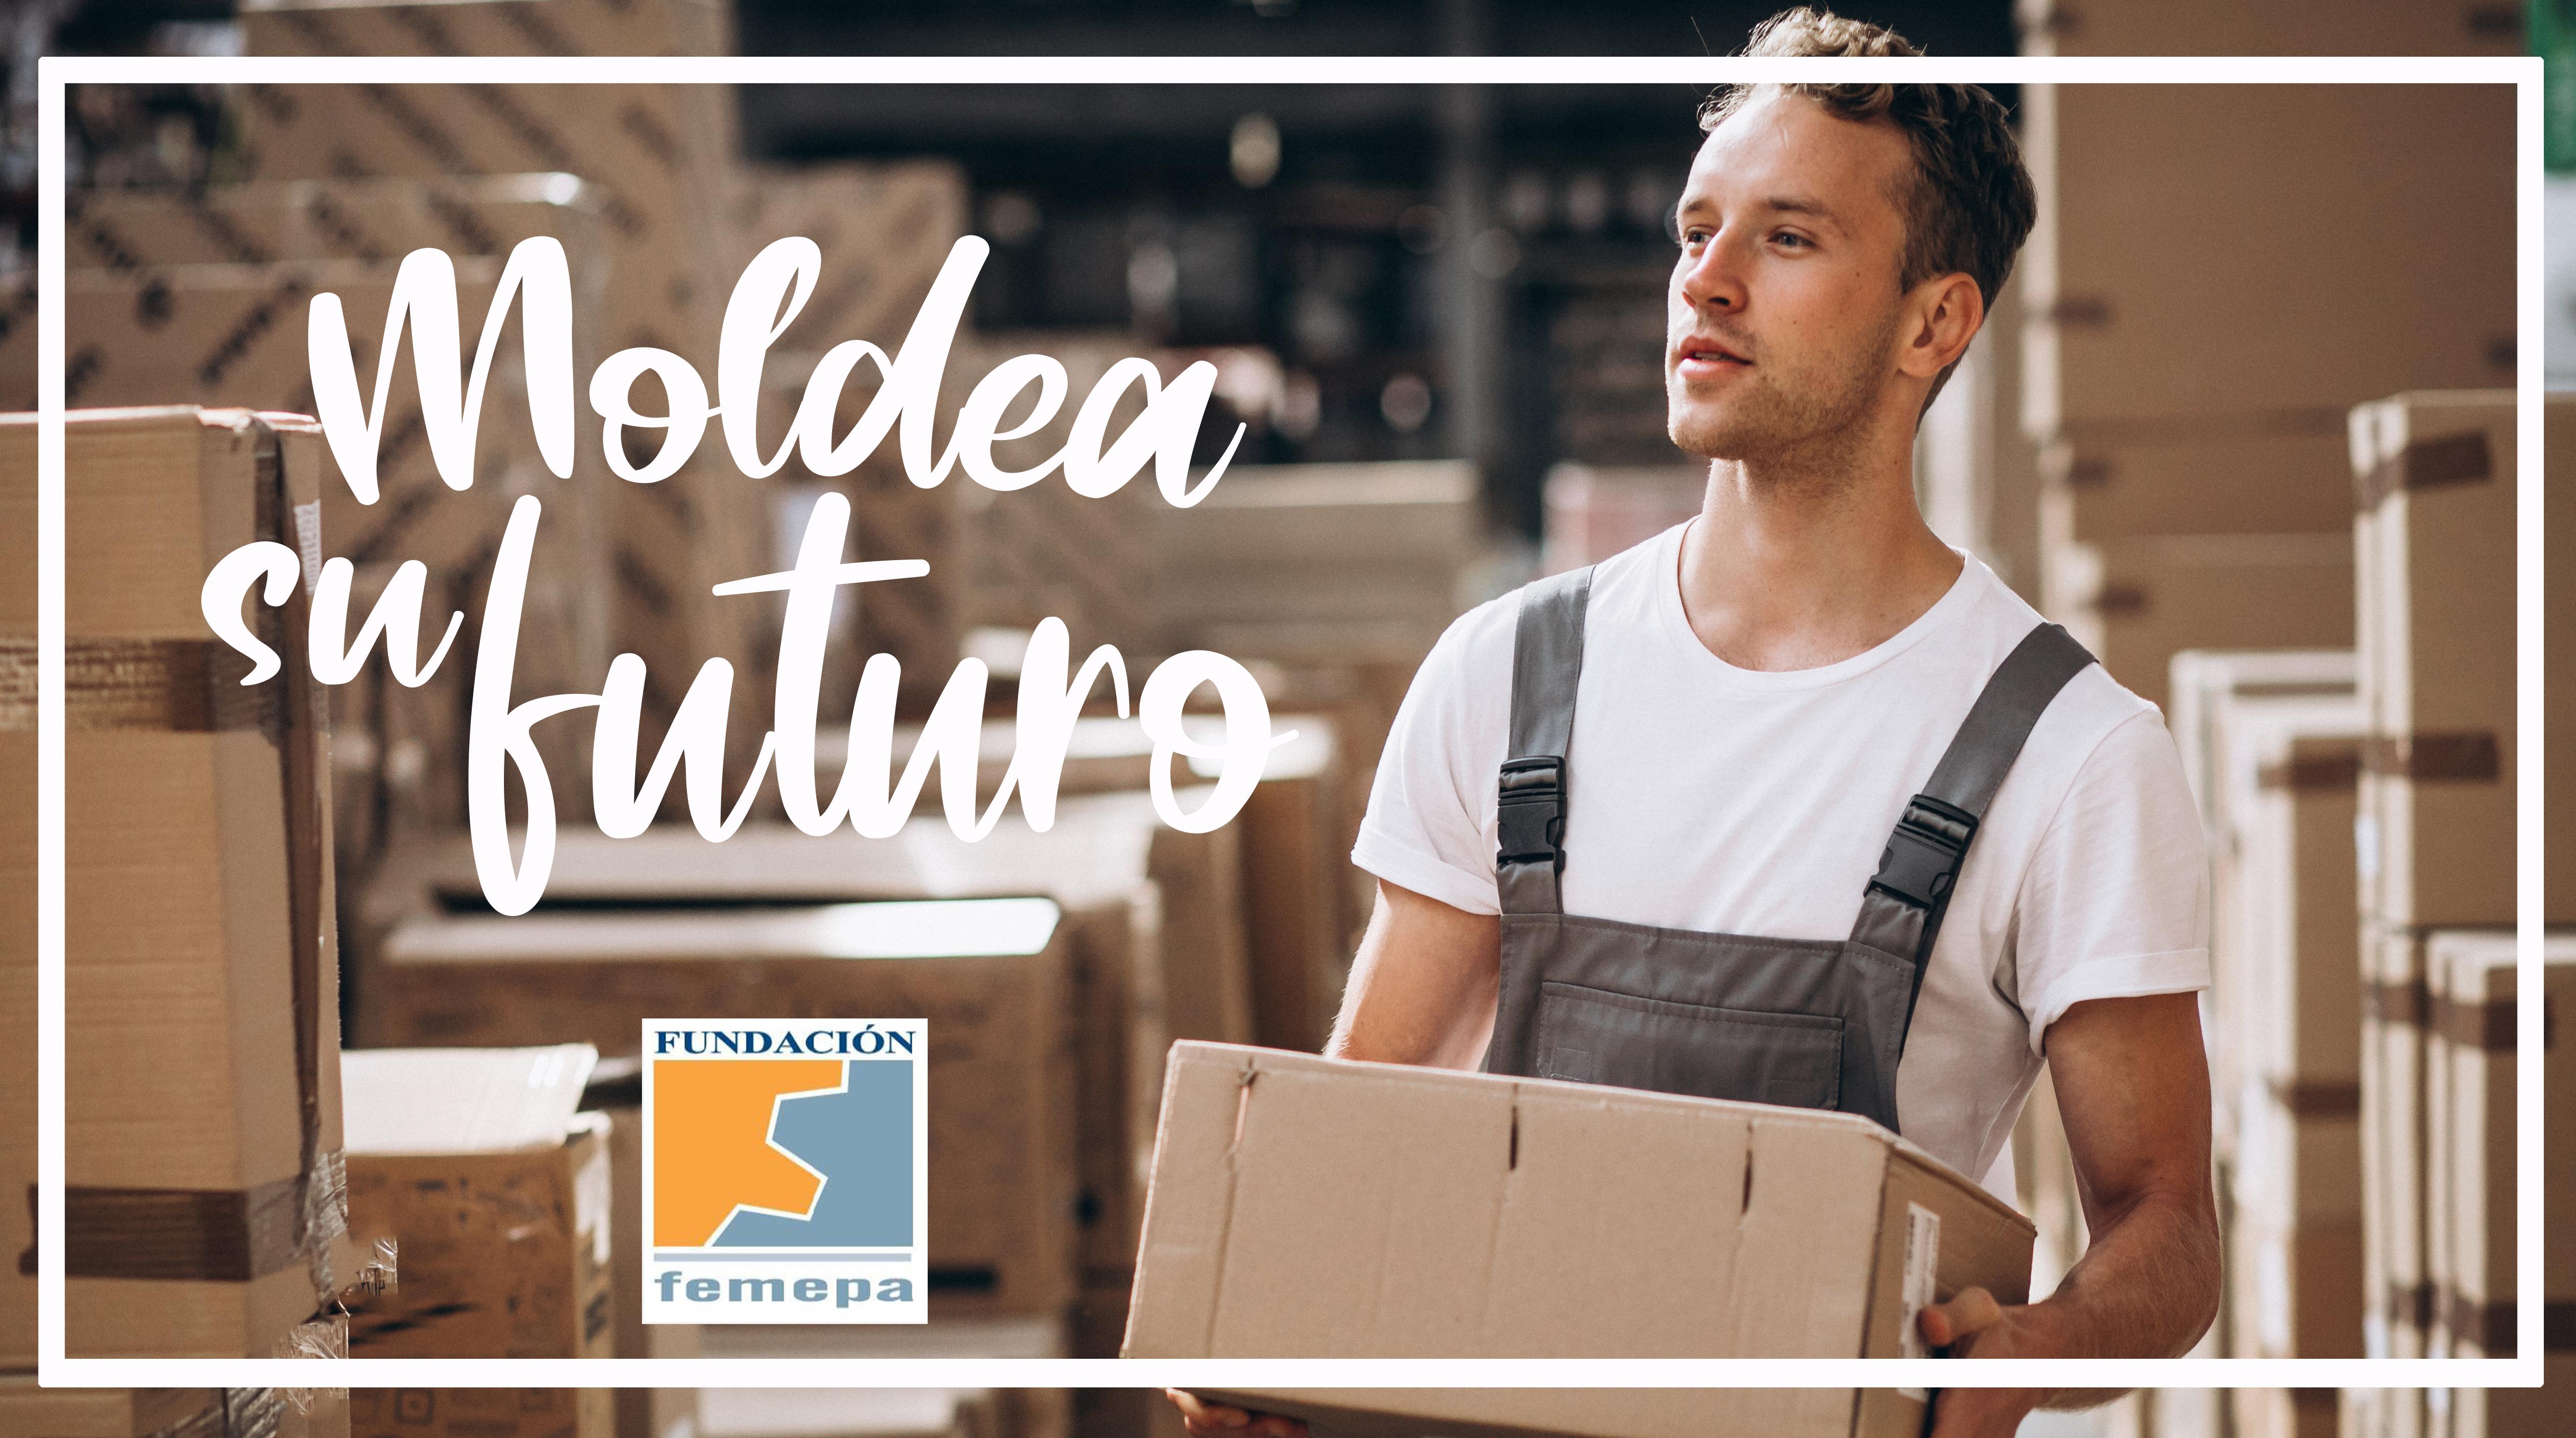 Fundación Femepa lanza la campaña #MoldeaSuFuturo para animar al empresariado a contratar a los participantes de su Programa Experimental de Empleo